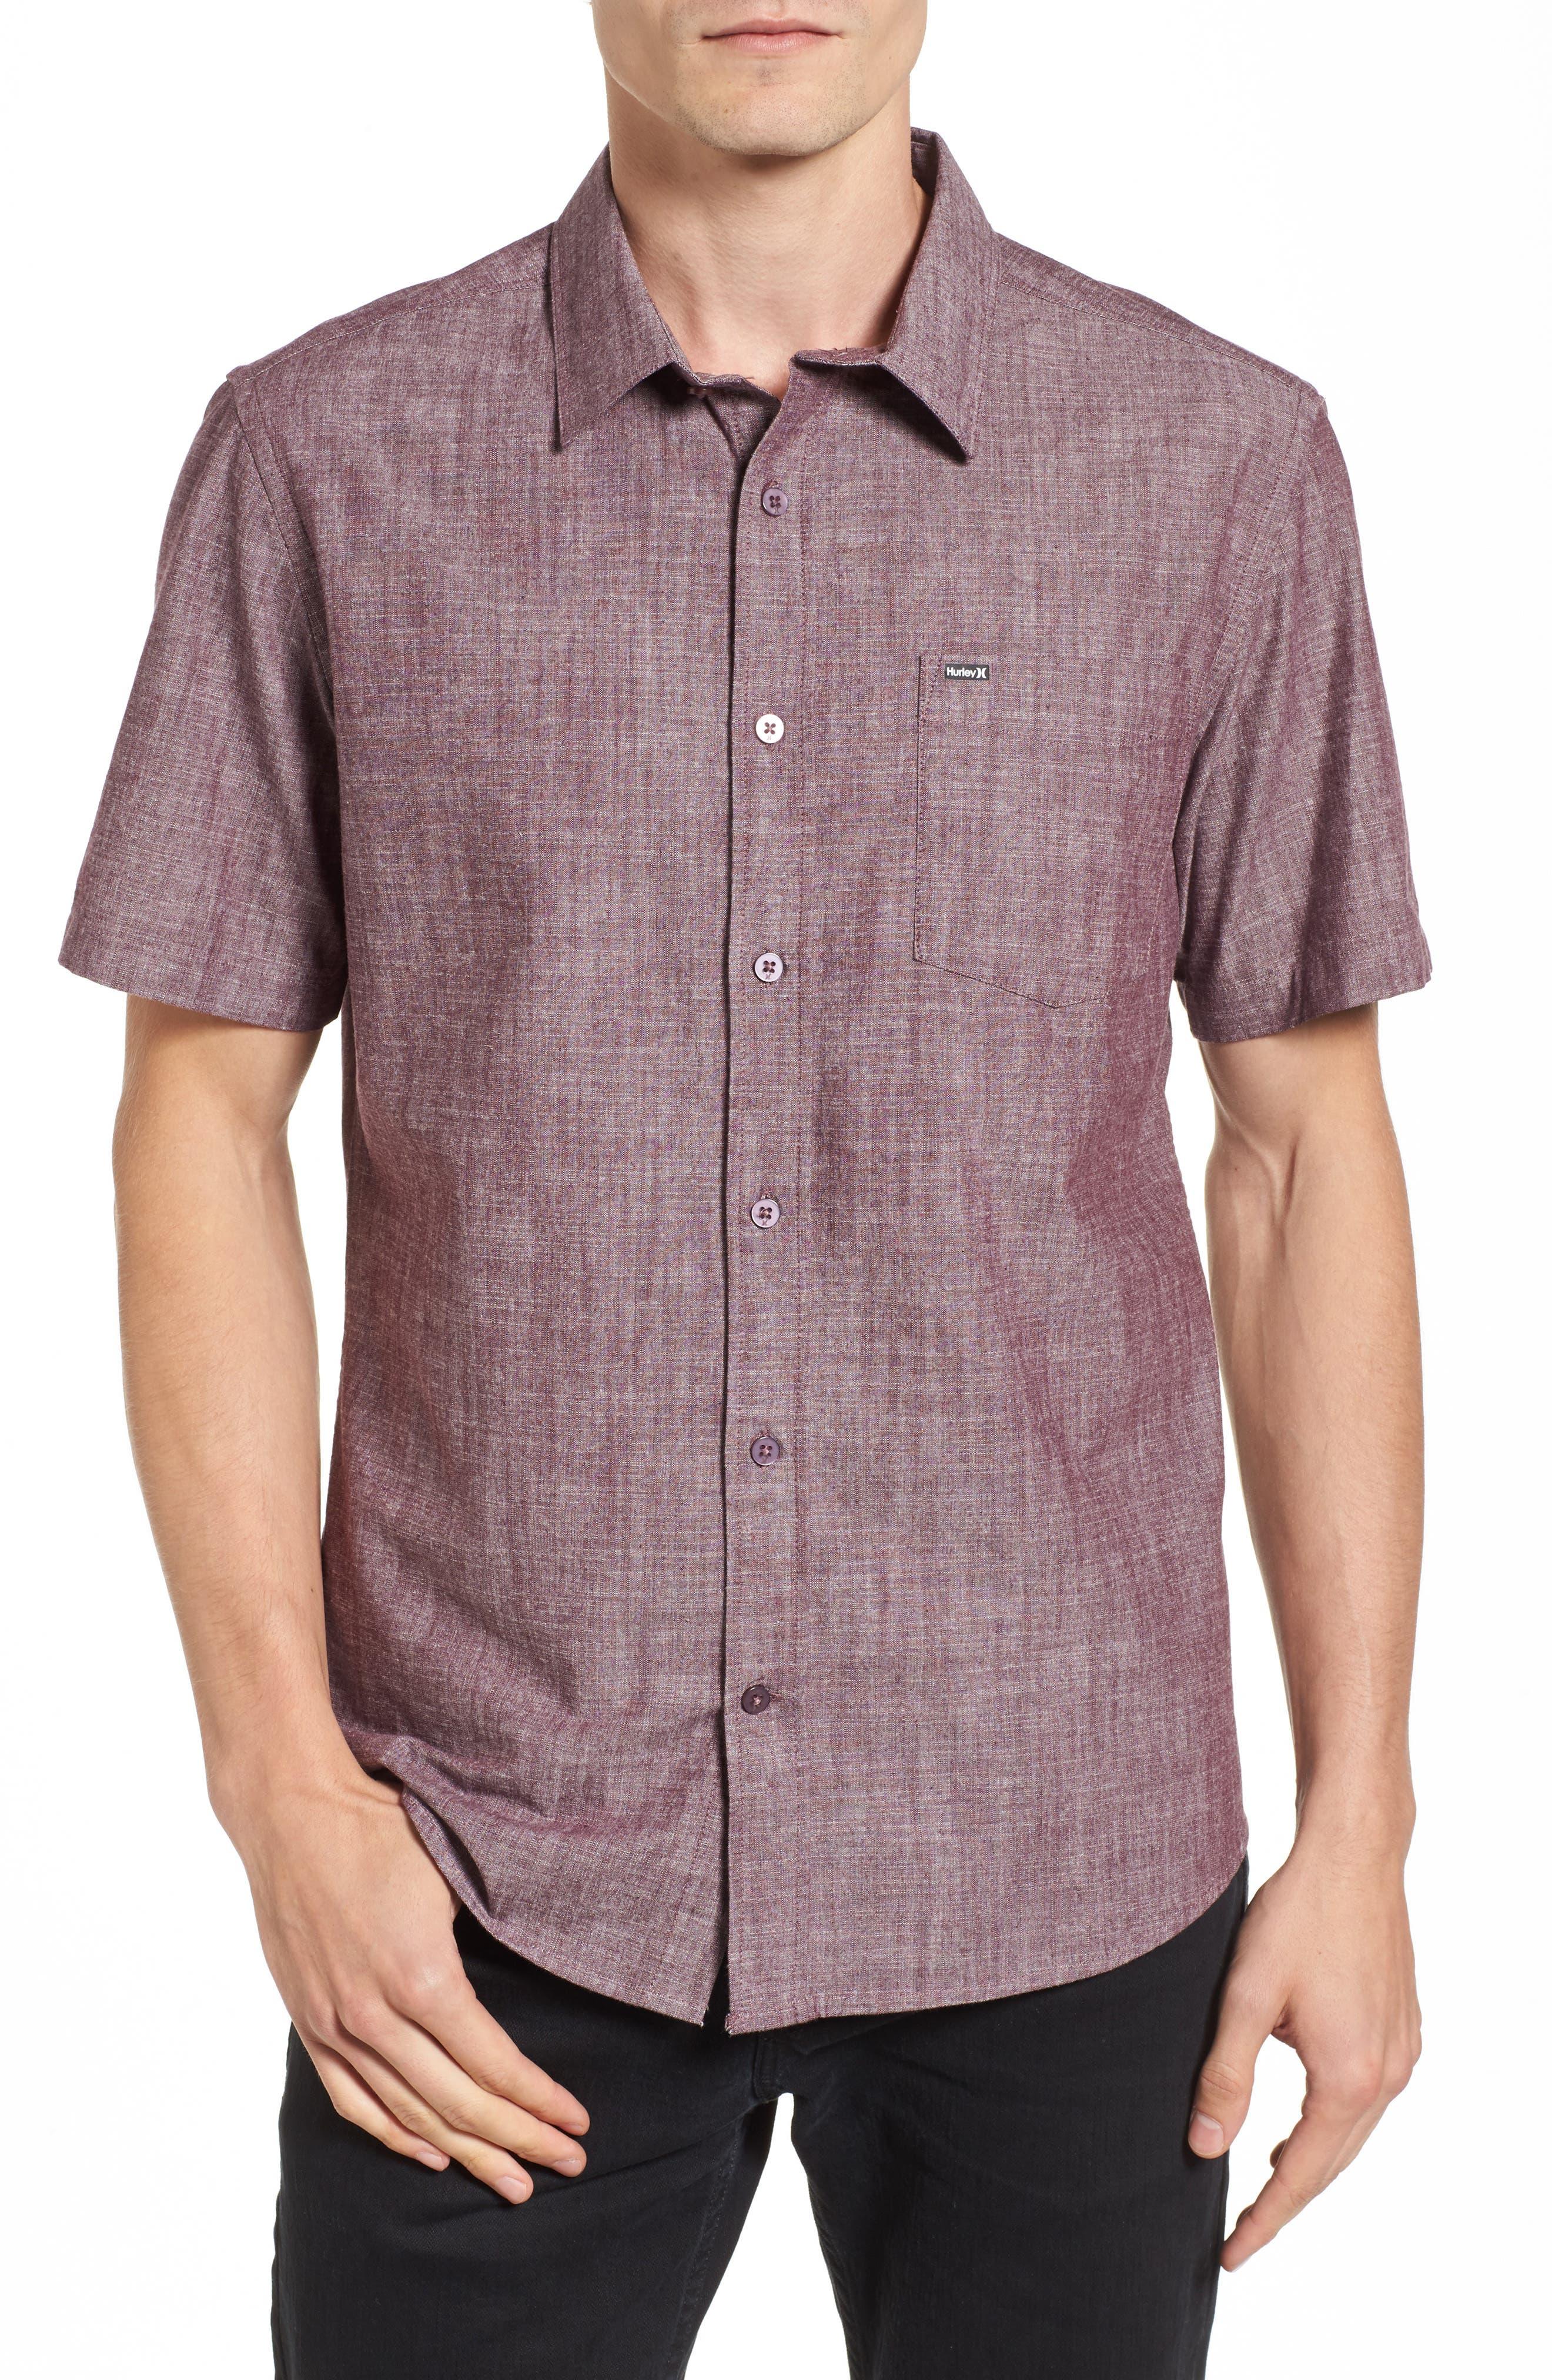 O & O 3.0 Woven Shirt,                         Main,                         color, 644